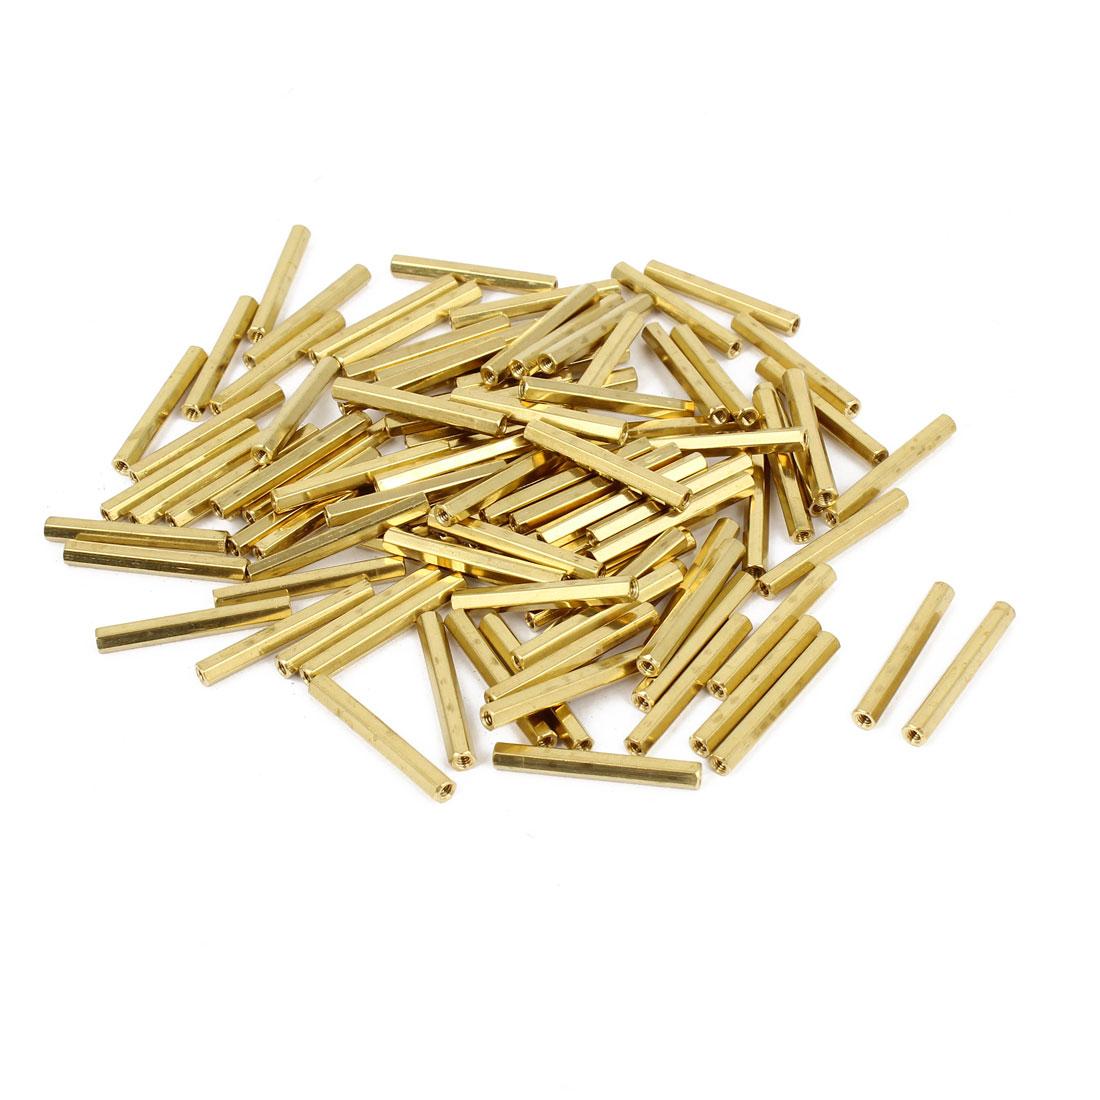 100 Pcs M2 Female Thread Brass Pillar Standoff Hexagonal Spacer 24mm Length